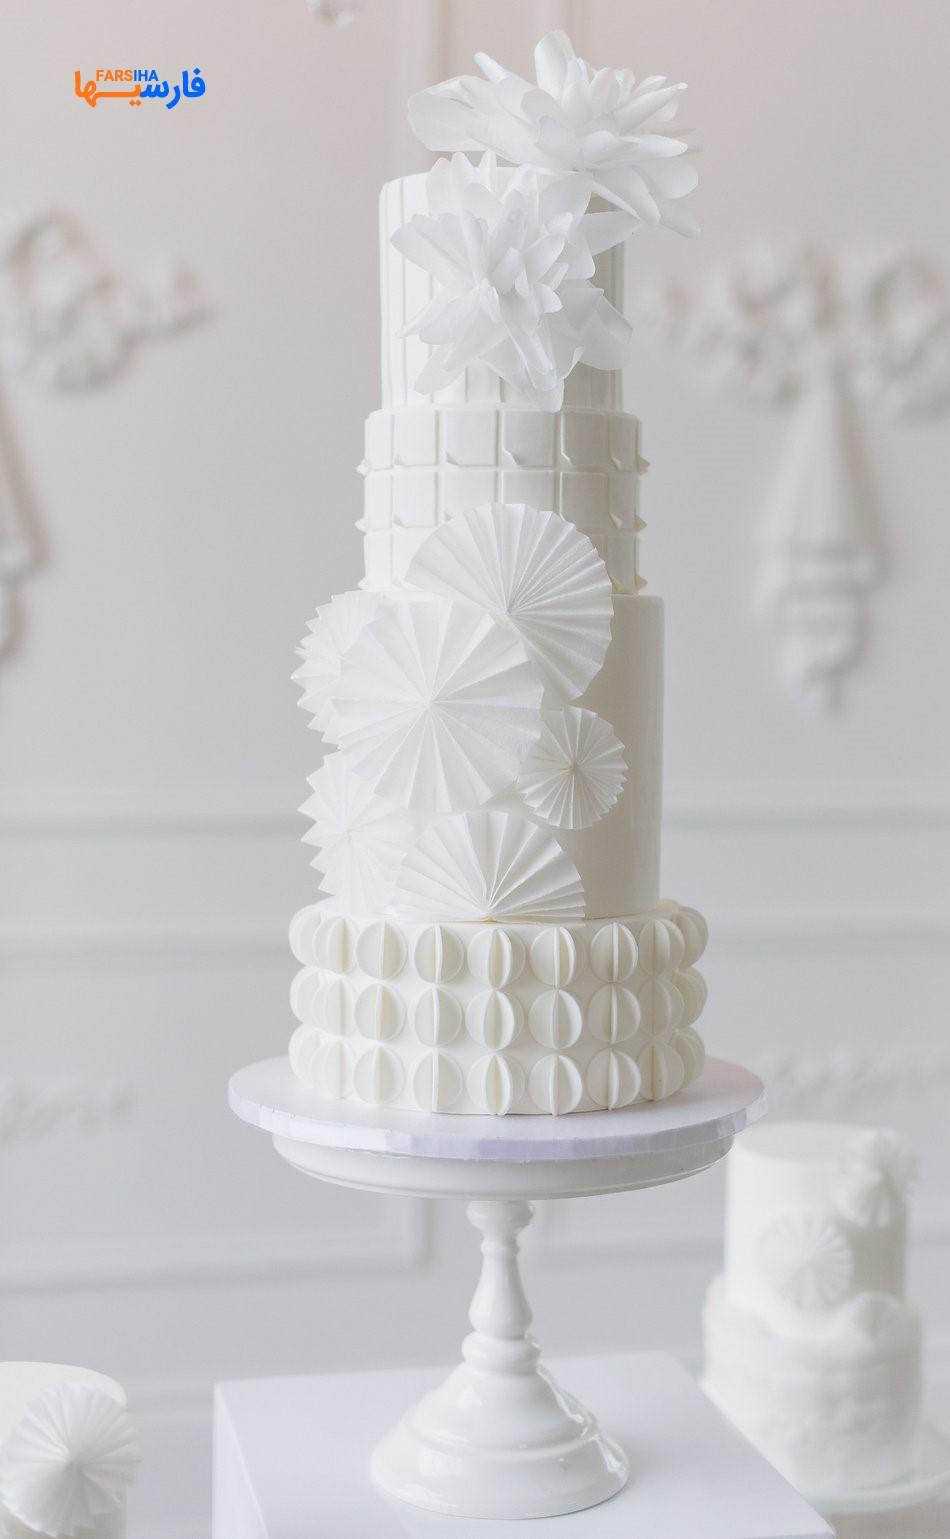 کیک عروسی طبقه ای شیک